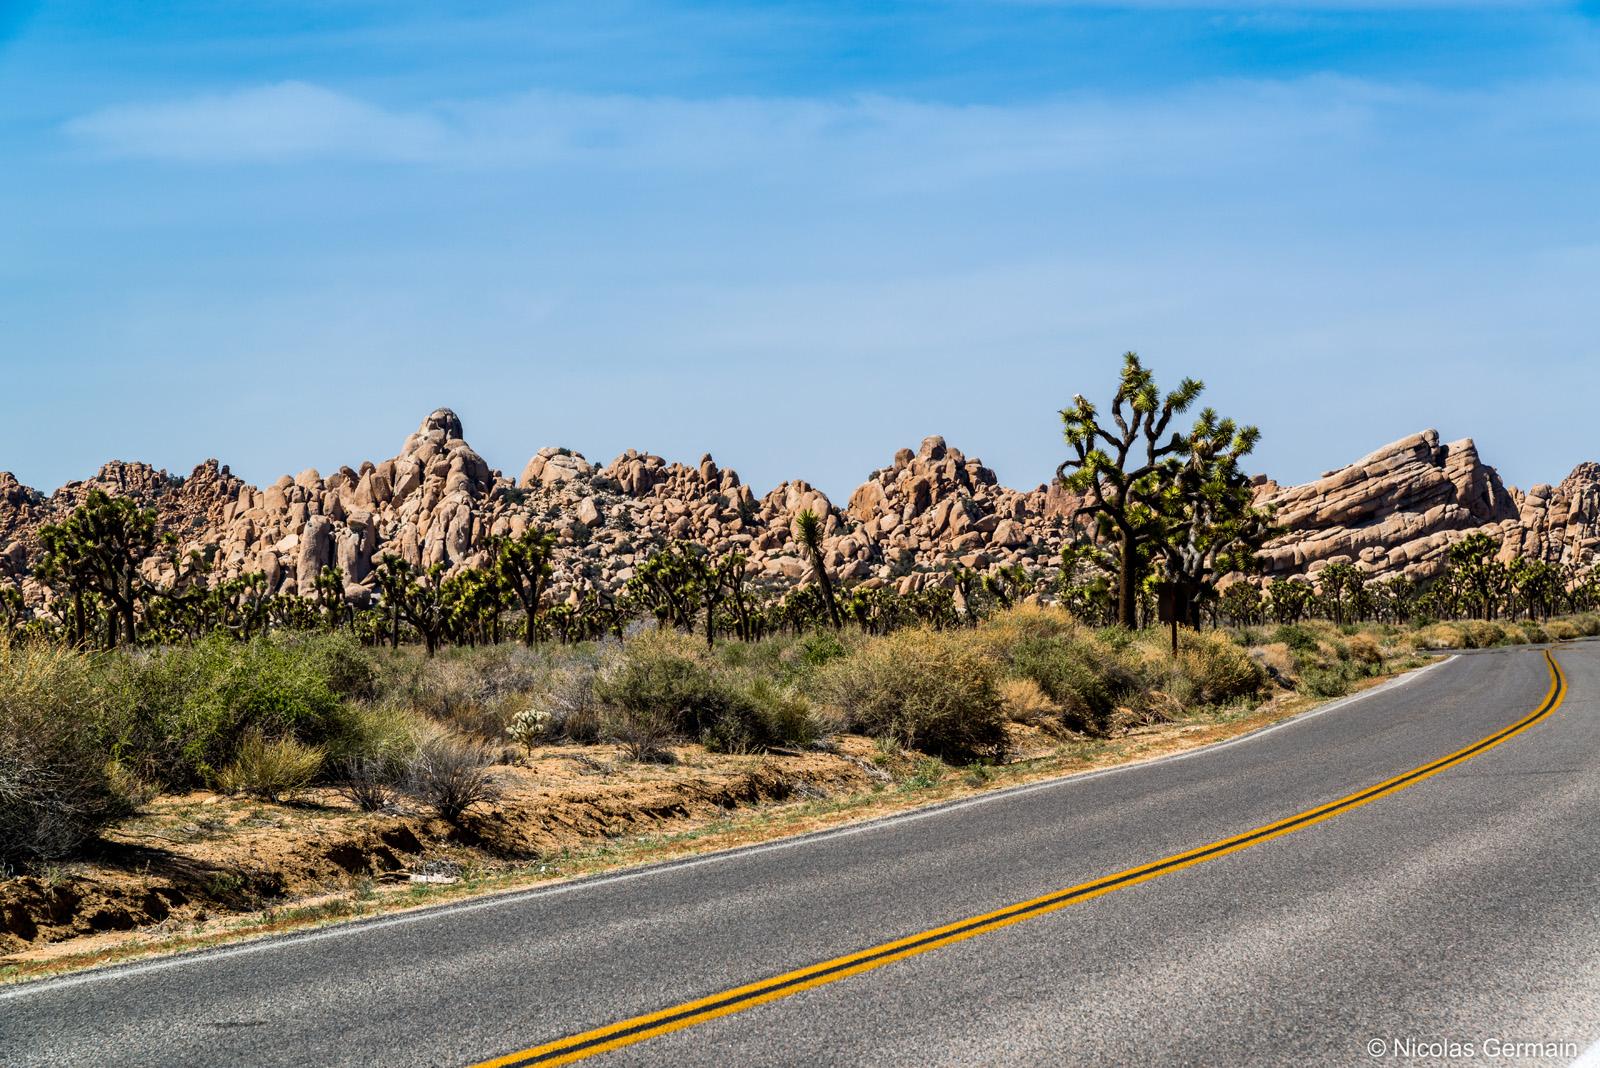 Barrière rocheuse massive et arbres de Josué au bord de la route principale de Joshua Tree National Park